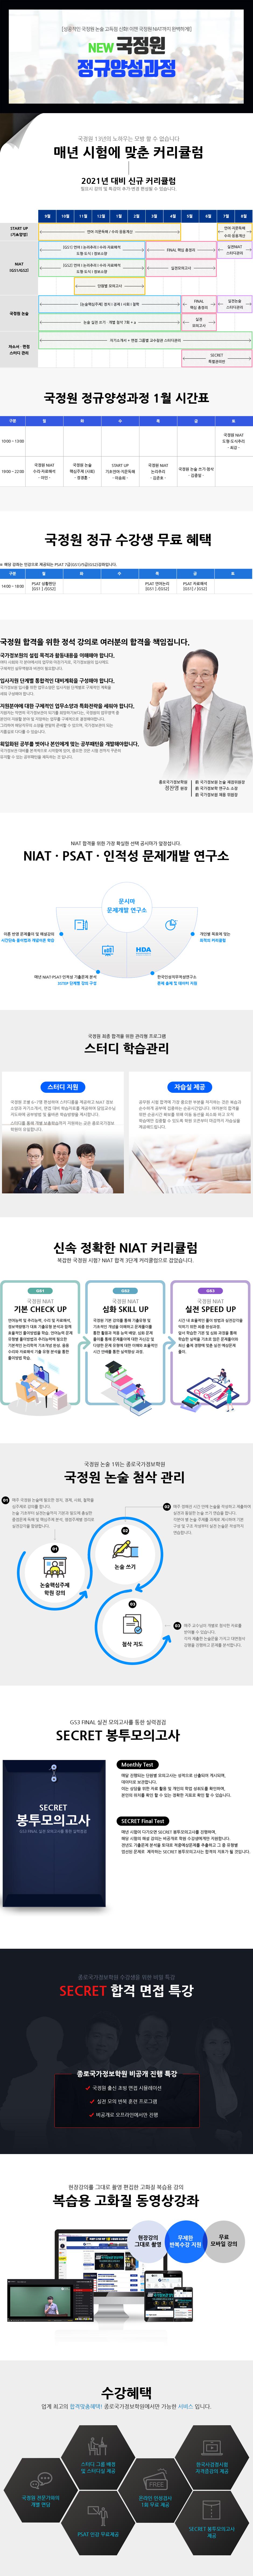 학원_상세페이지-패키지-하단_국정원-정규양성과정.png